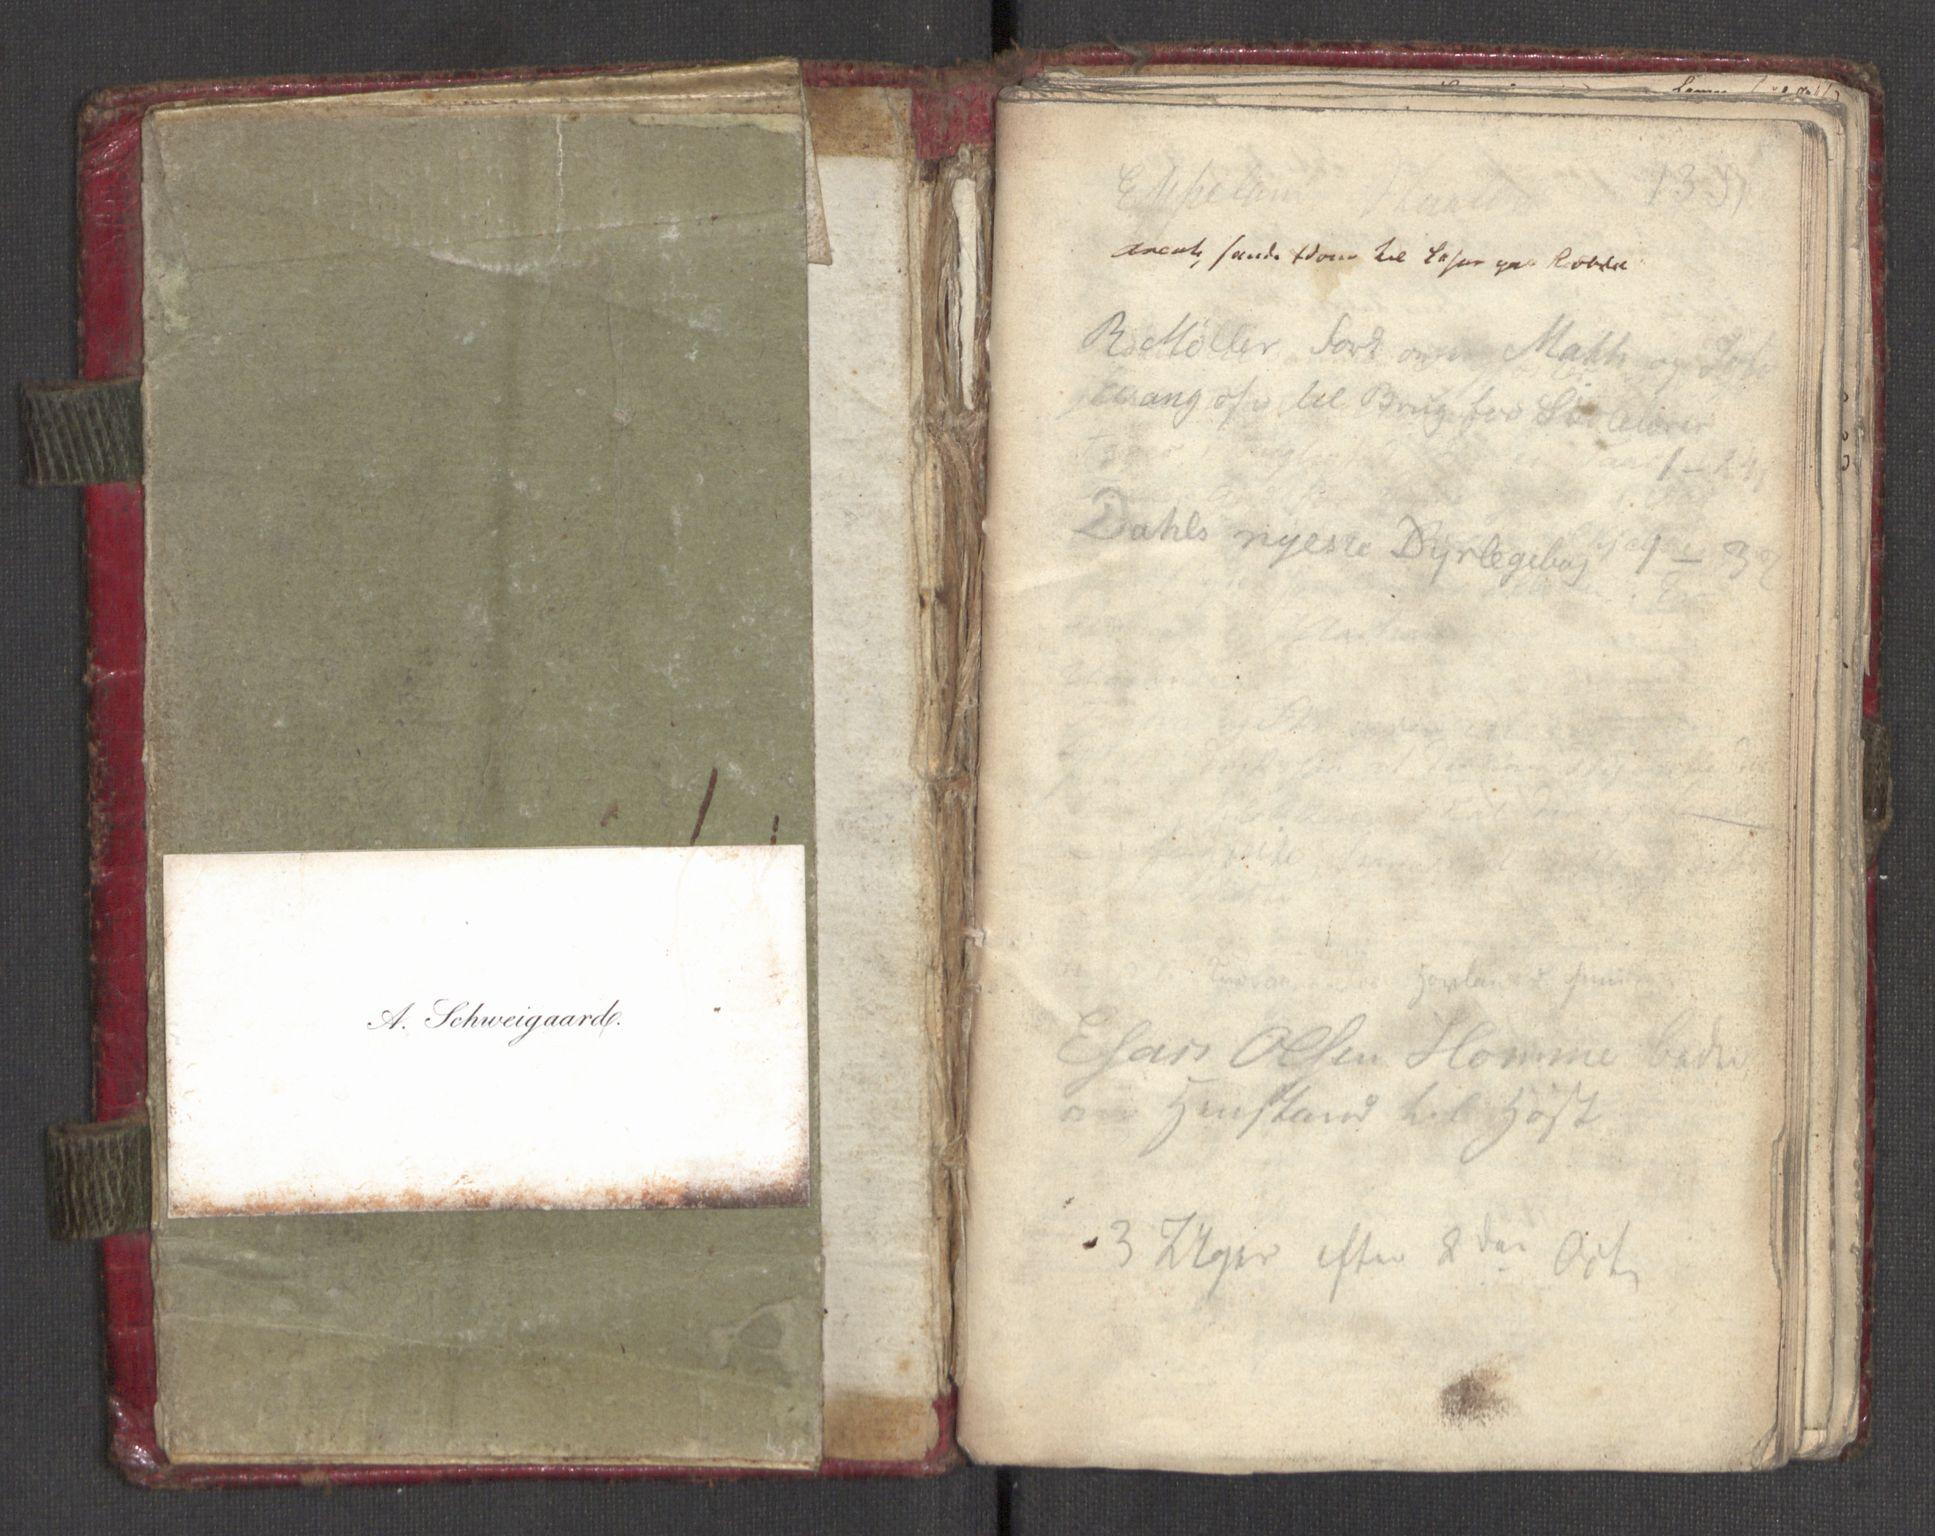 RA, Faye, Andreas, F/Ff/L0023, 1790-1865